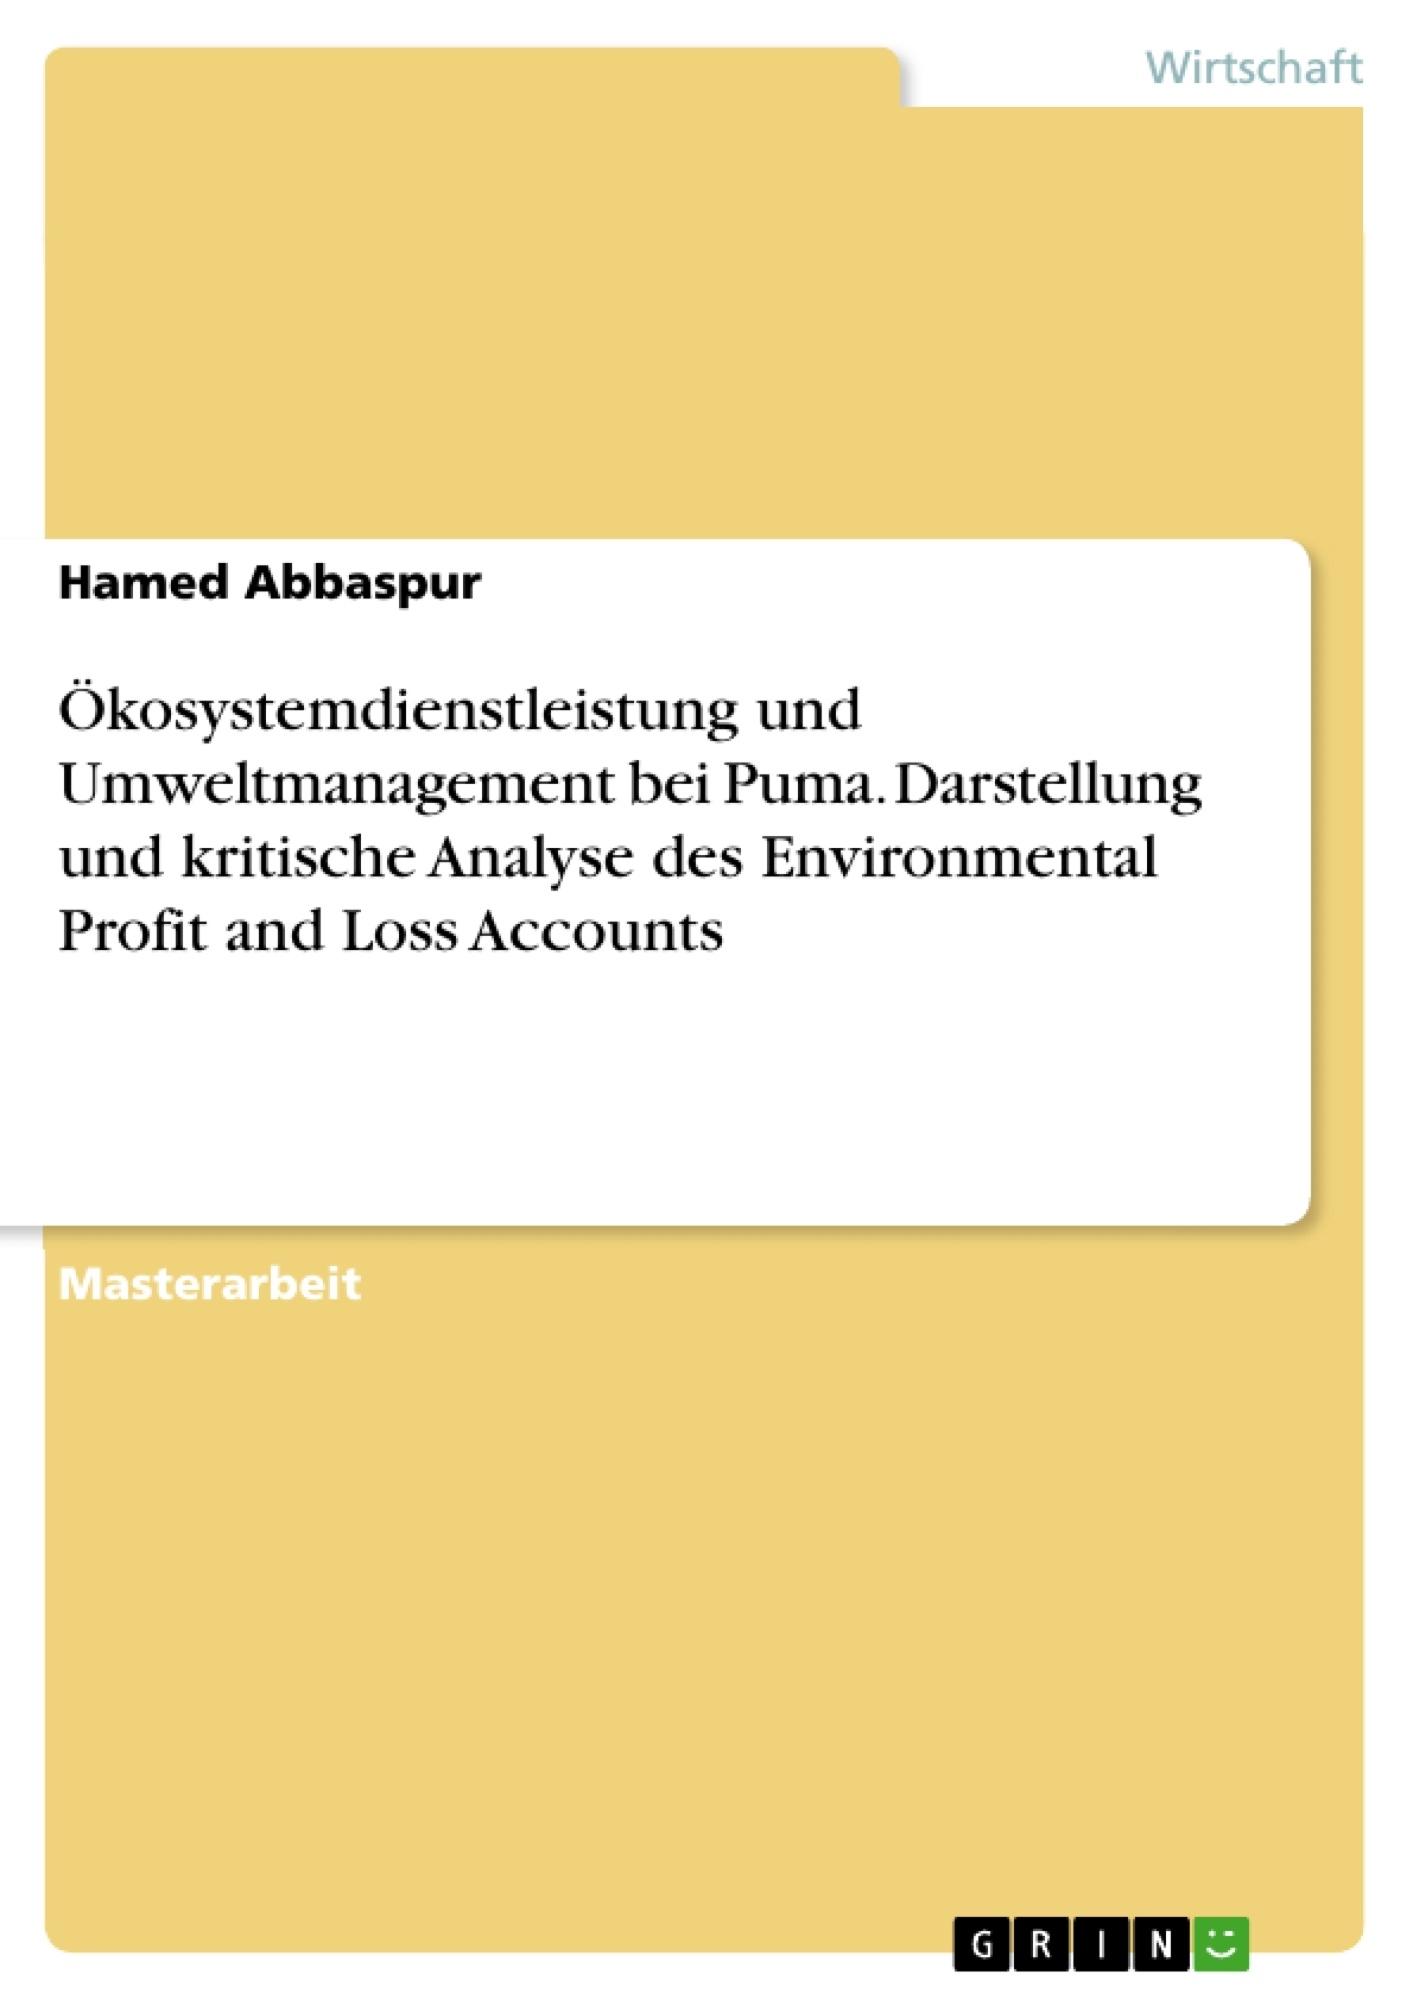 Titel: Ökosystemdienstleistung und Umweltmanagement bei Puma. Darstellung und kritische Analyse des Environmental Profit and Loss Accounts